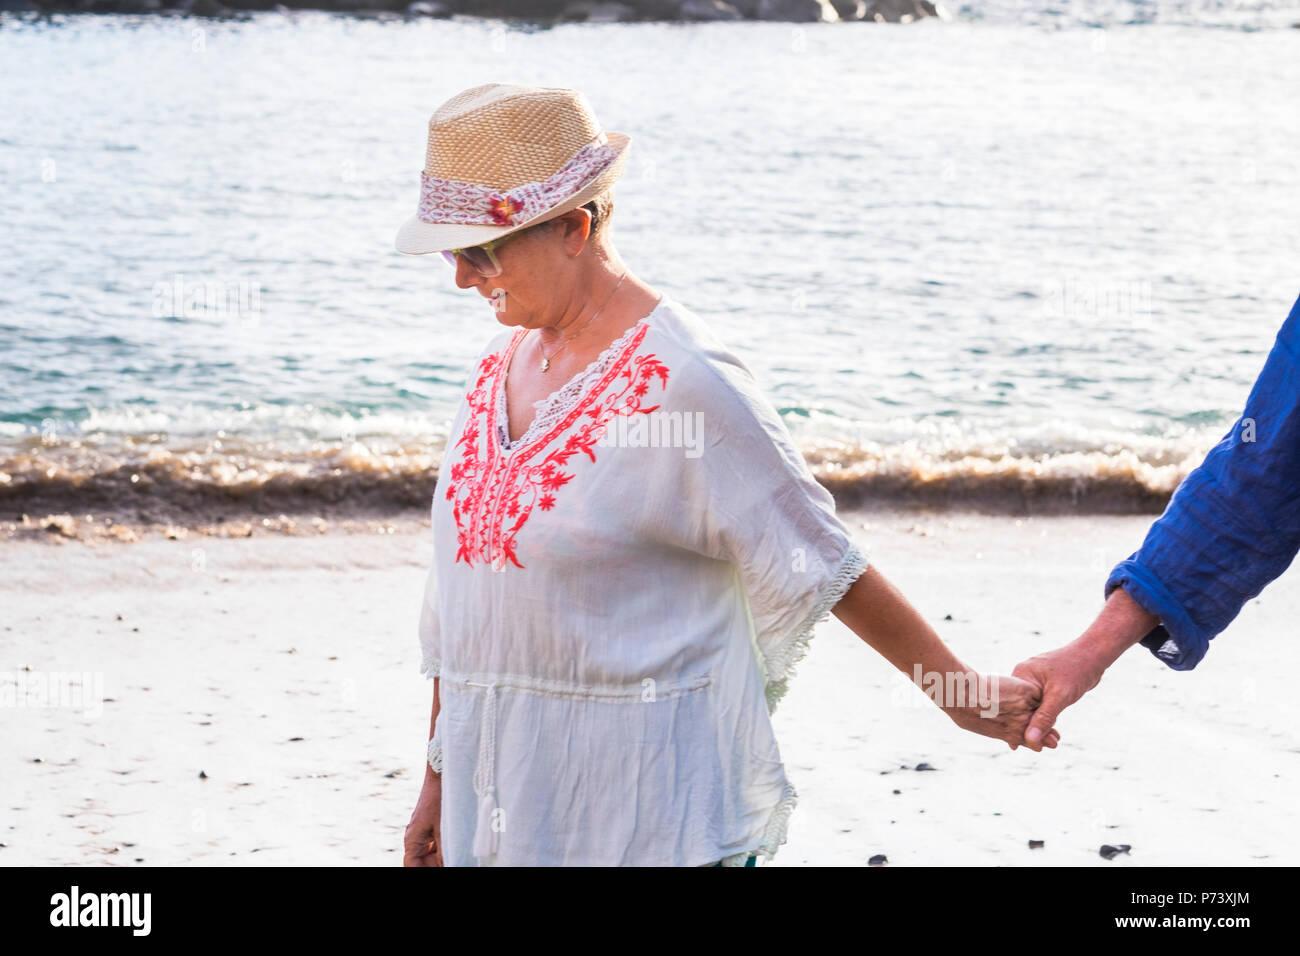 Siga y venid conmigo mujer tome la mano para caminar juntos por la orilla de la playa. En el fondo del océano de amor y el concepto de vacaciones Imagen De Stock